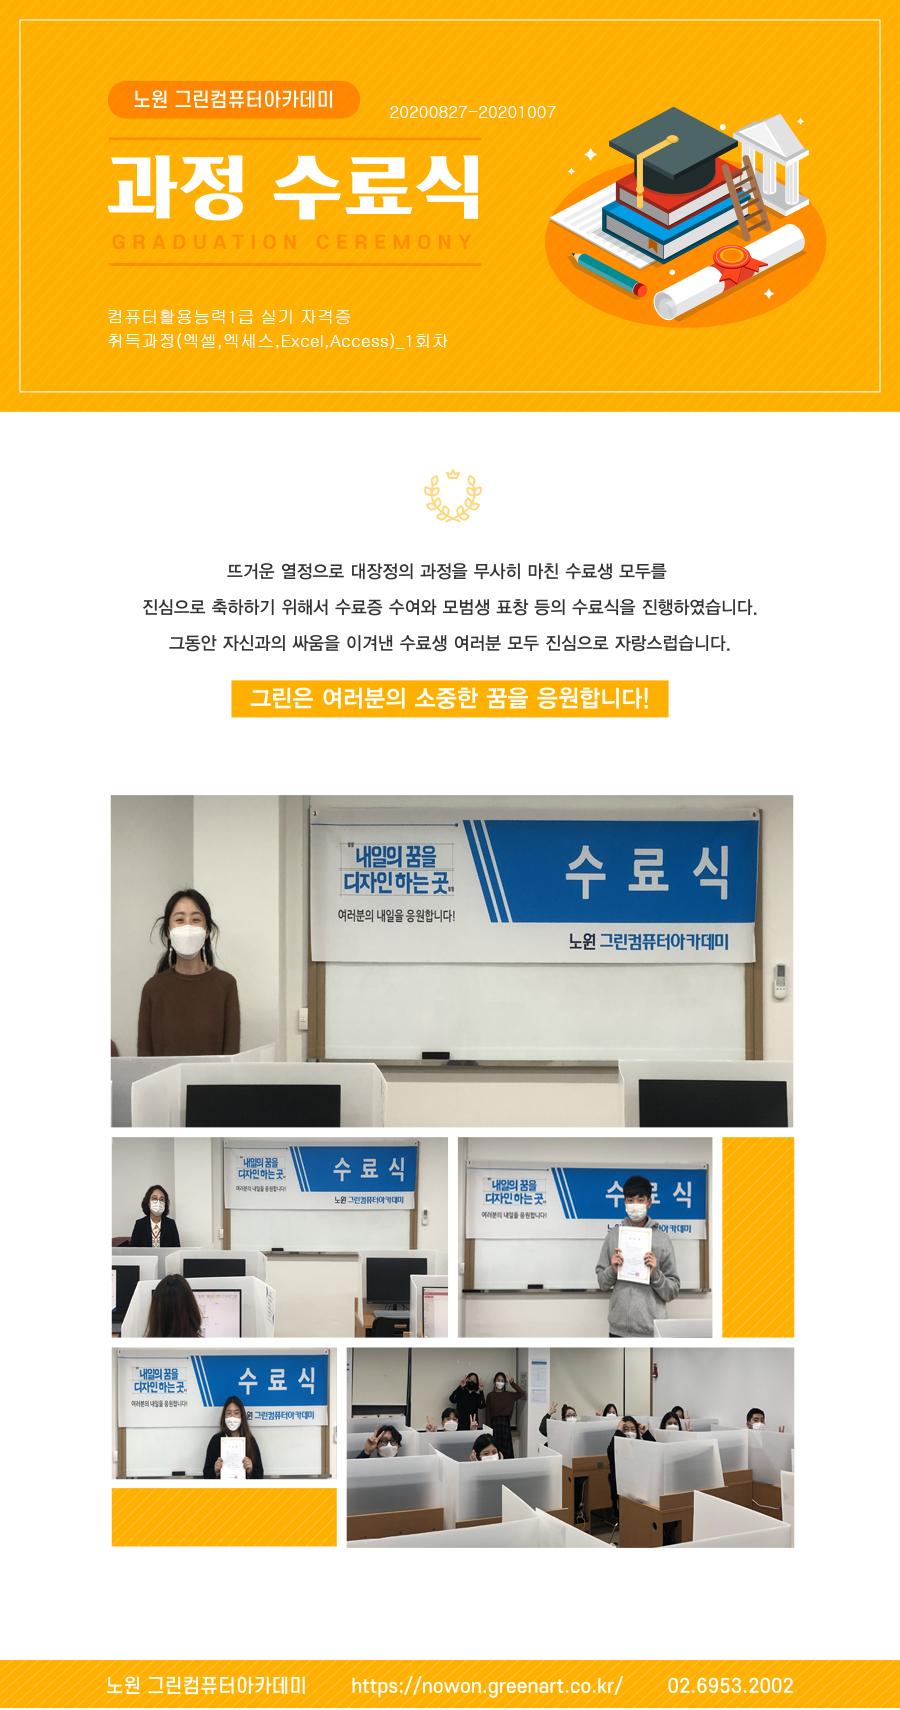 [노원캠퍼스]컴퓨터활용능력1급실기자격증취득과정_1회차_수료식